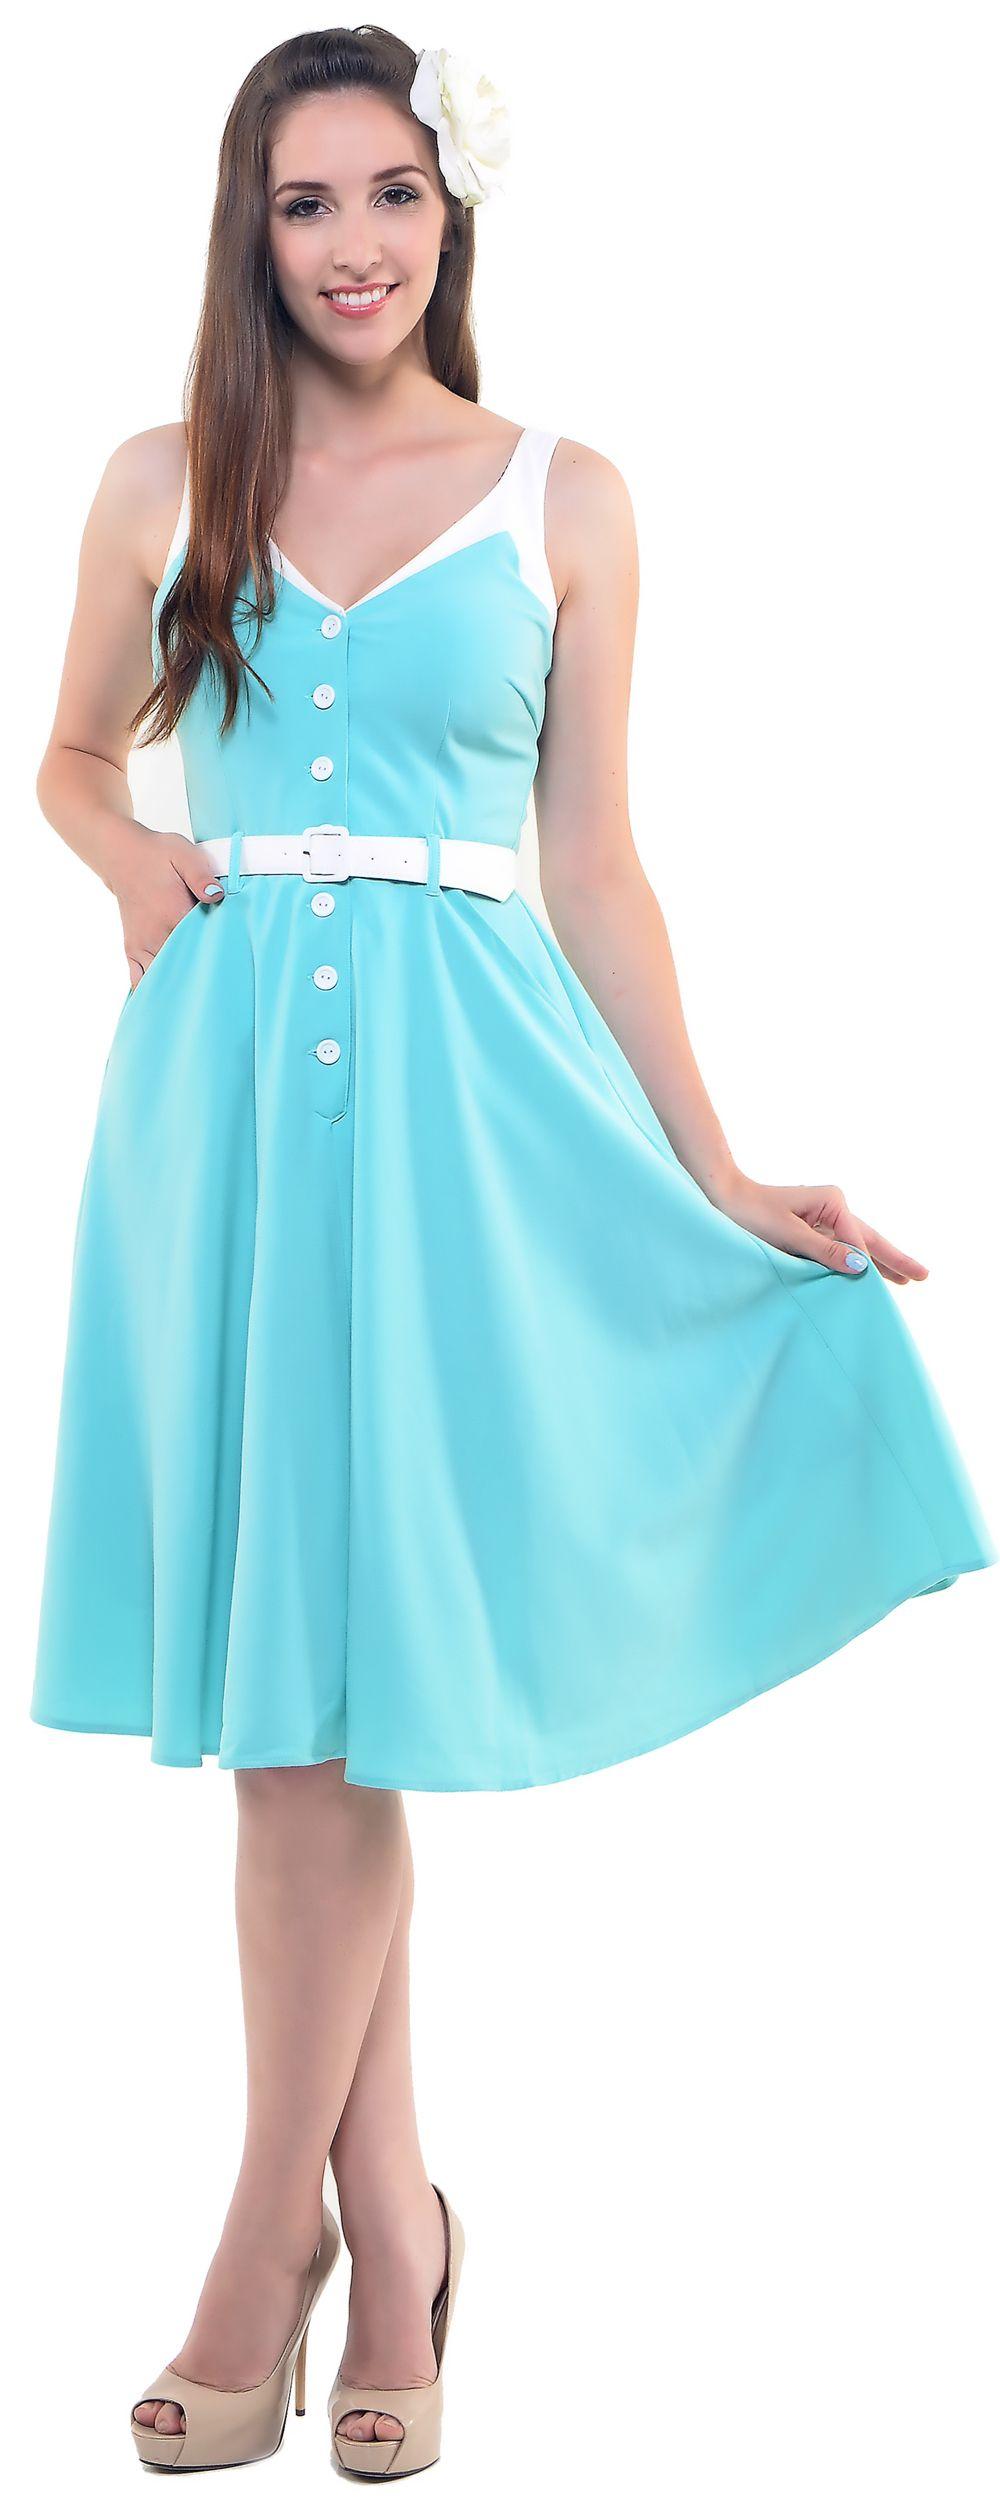 Light Blue Sea Breeze Swing Dress With Detachable Belt - S-4X | On ...